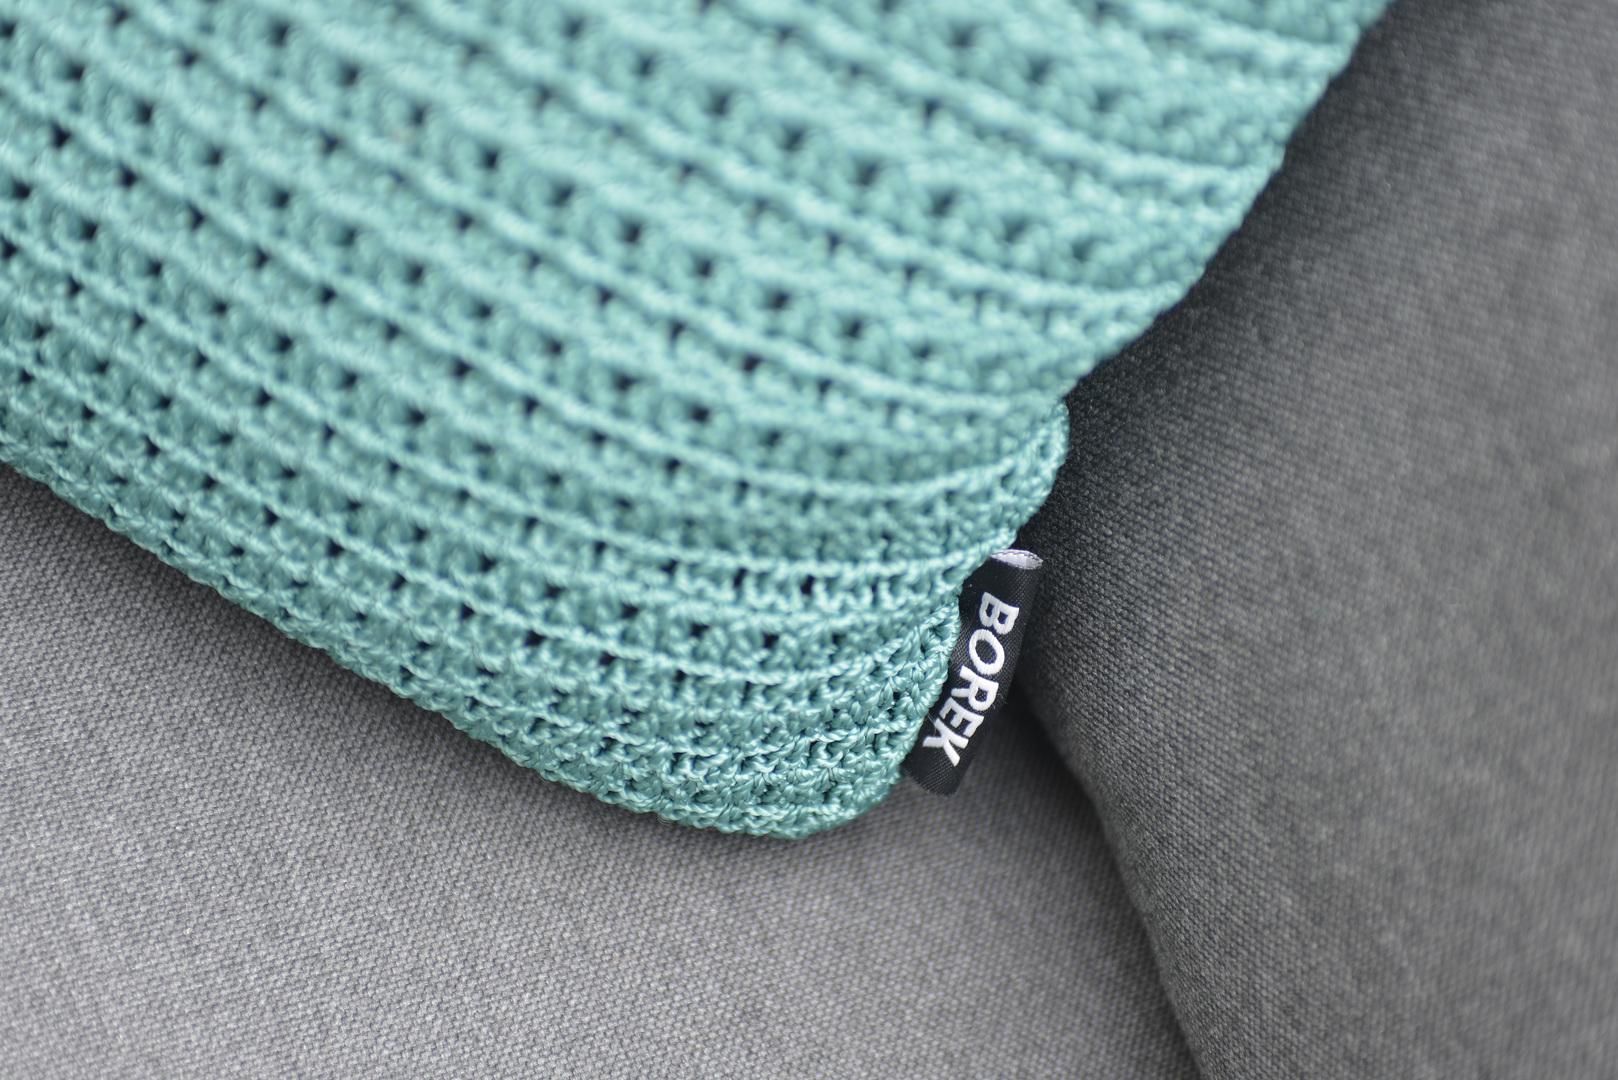 2018 Borek rope crochette decorative cushion detail.jpg